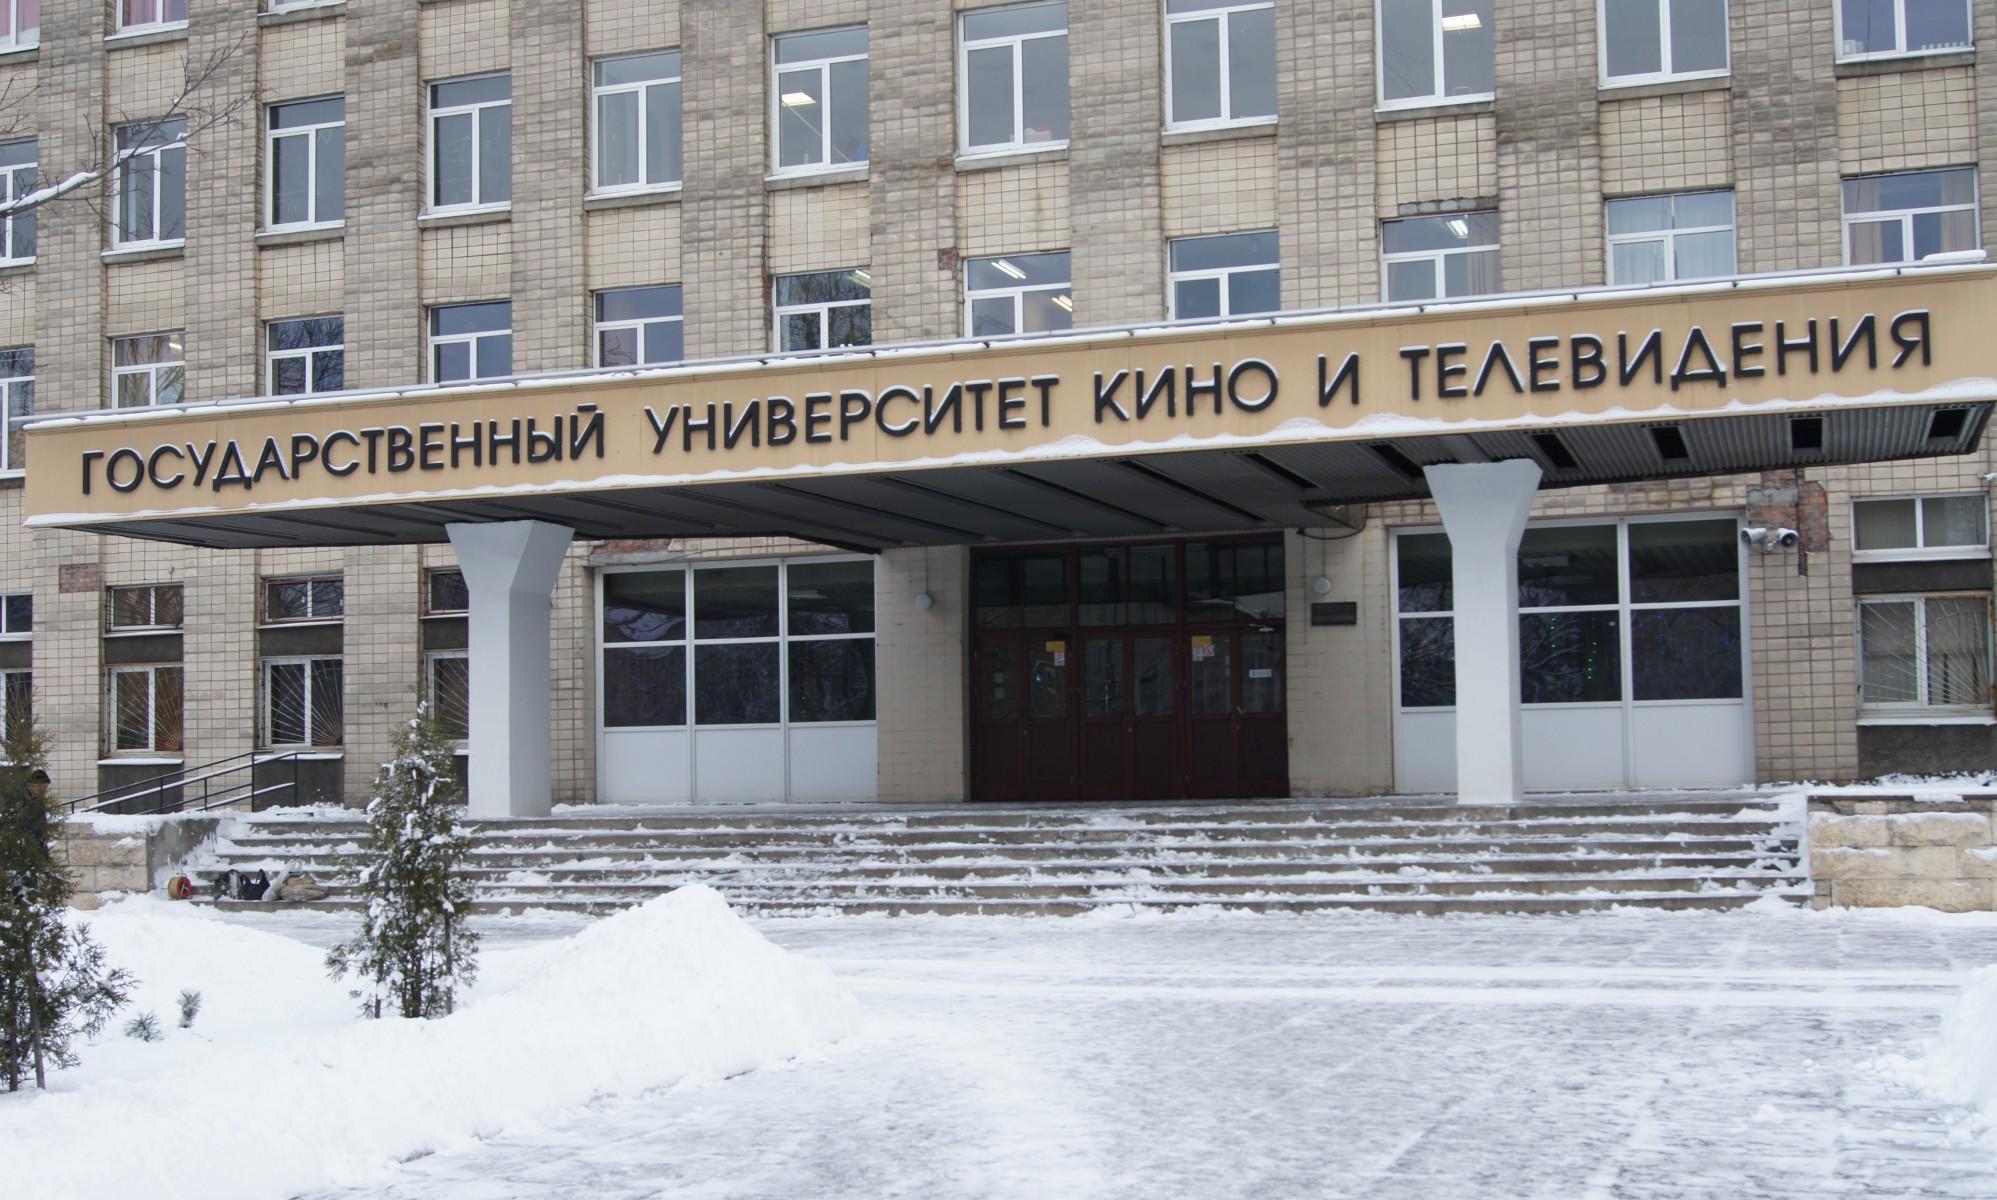 Адамант-строй, Капитальный ремонт в университете кино и телевидения, 1021